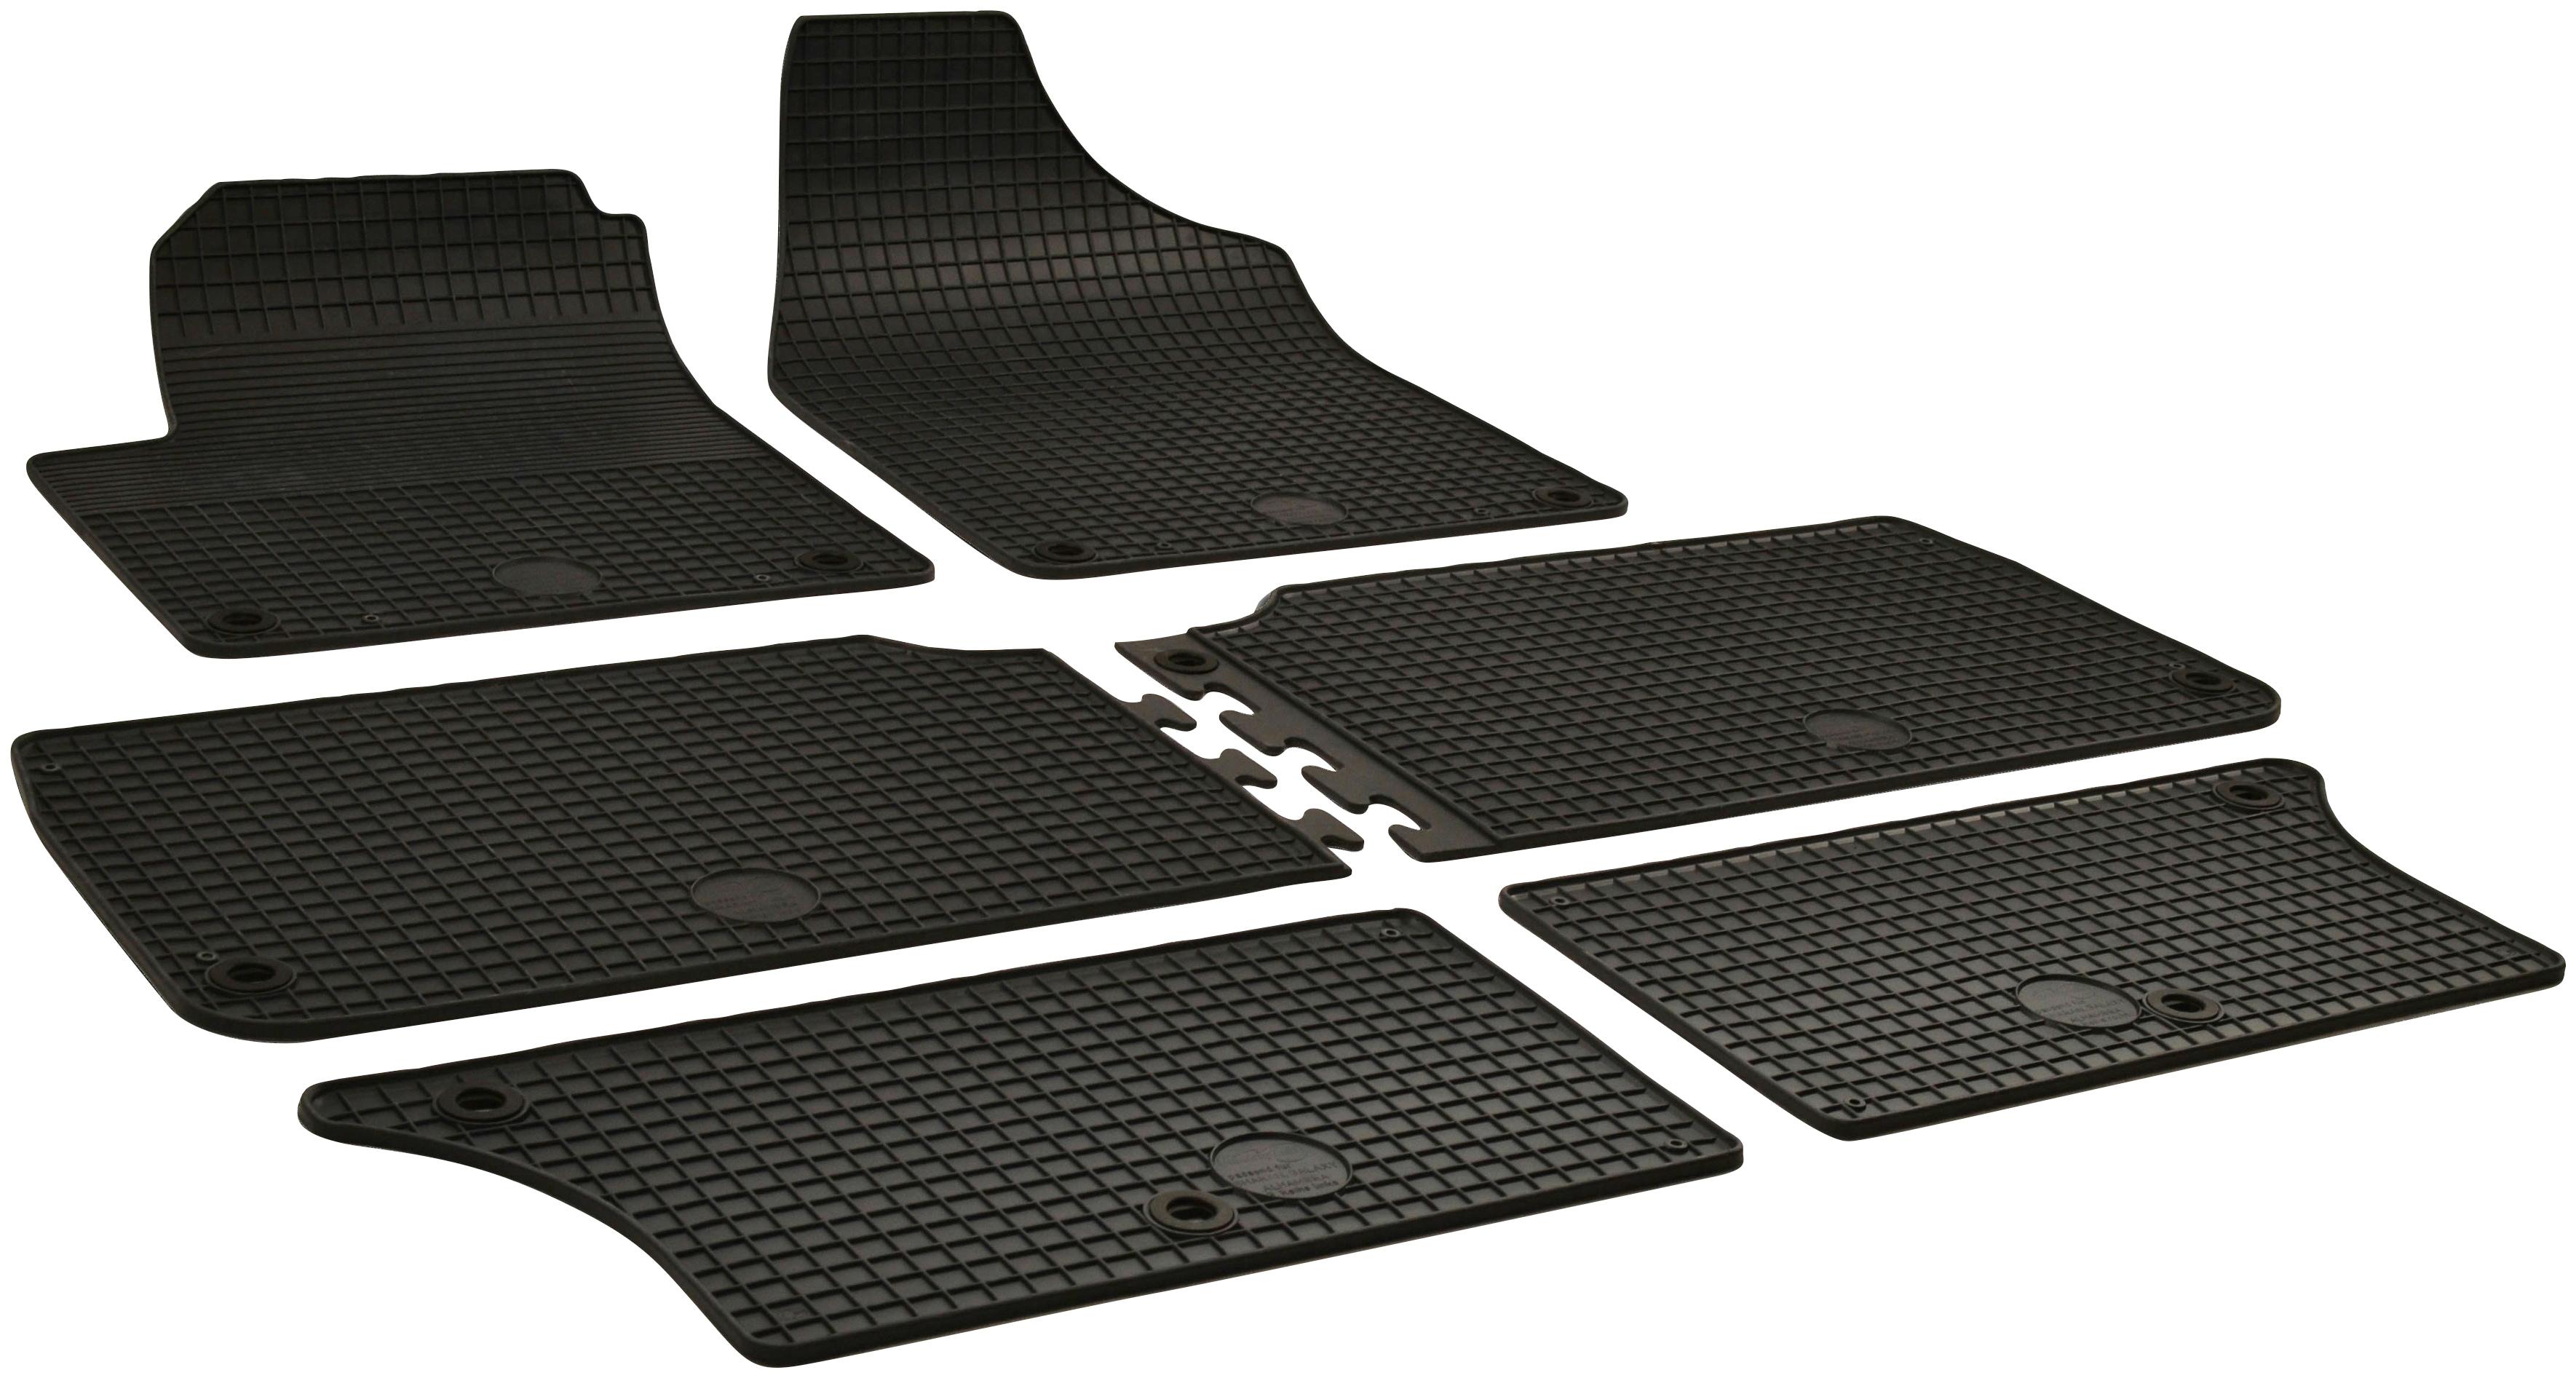 WALSER Passform-Fußmatten, Seat-VW, Alhambra-Sharan, Großr.lim., (6 St., 2 Vordermatten, Matten mittlere Reihe, Rückmatten), für VW Sharan und Seat Alhambra schwarz Automatten Autozubehör Reifen Passform-Fußmatten